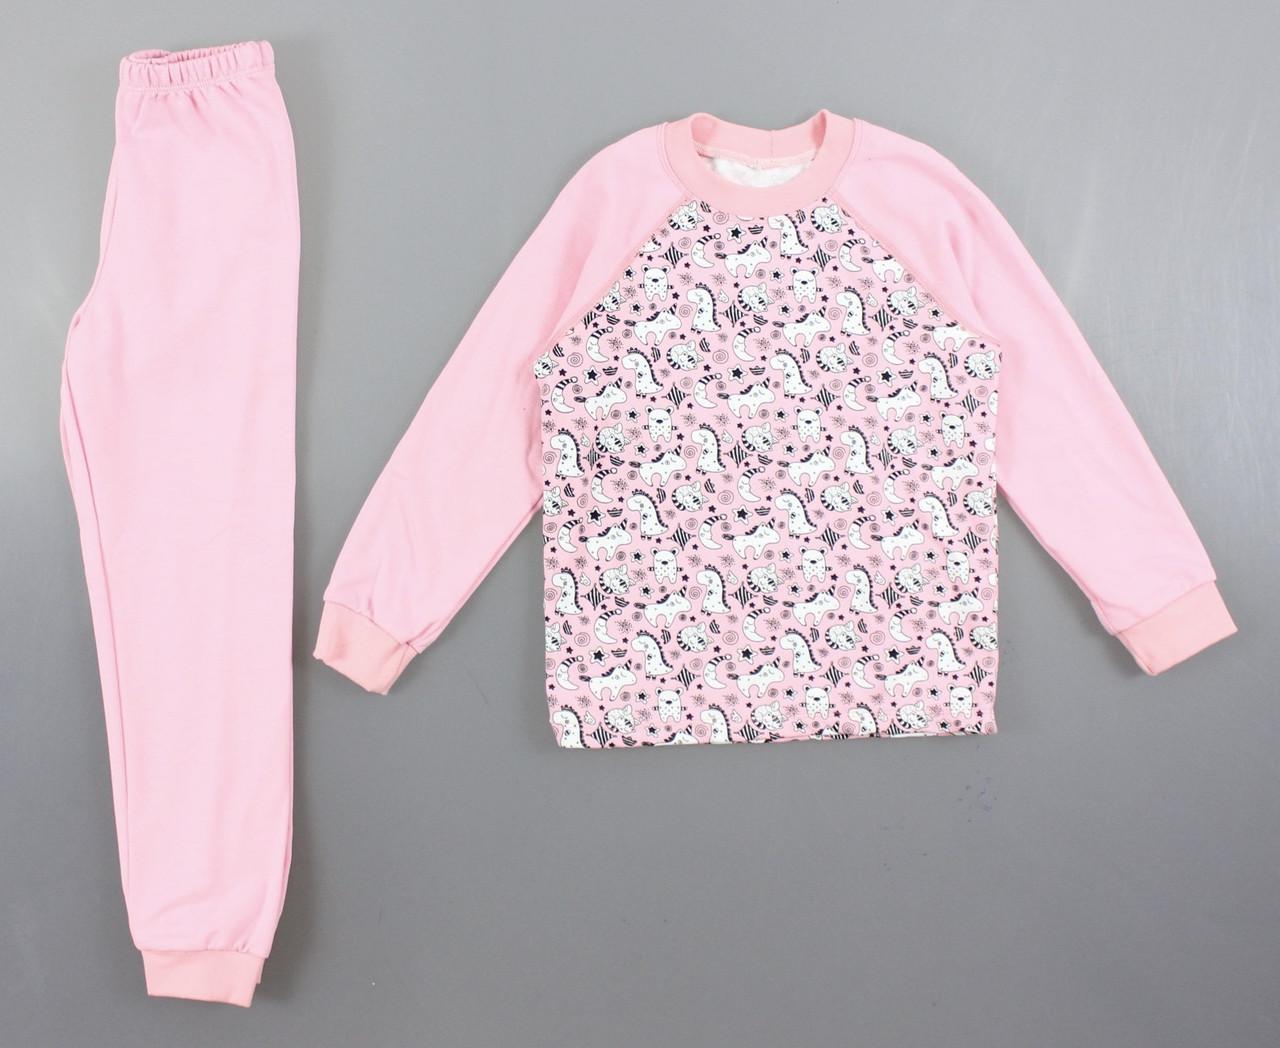 {есть:92,80} Пижама детская с начесом для девочек, 80-134 рр. Артикул: 11333 [92]